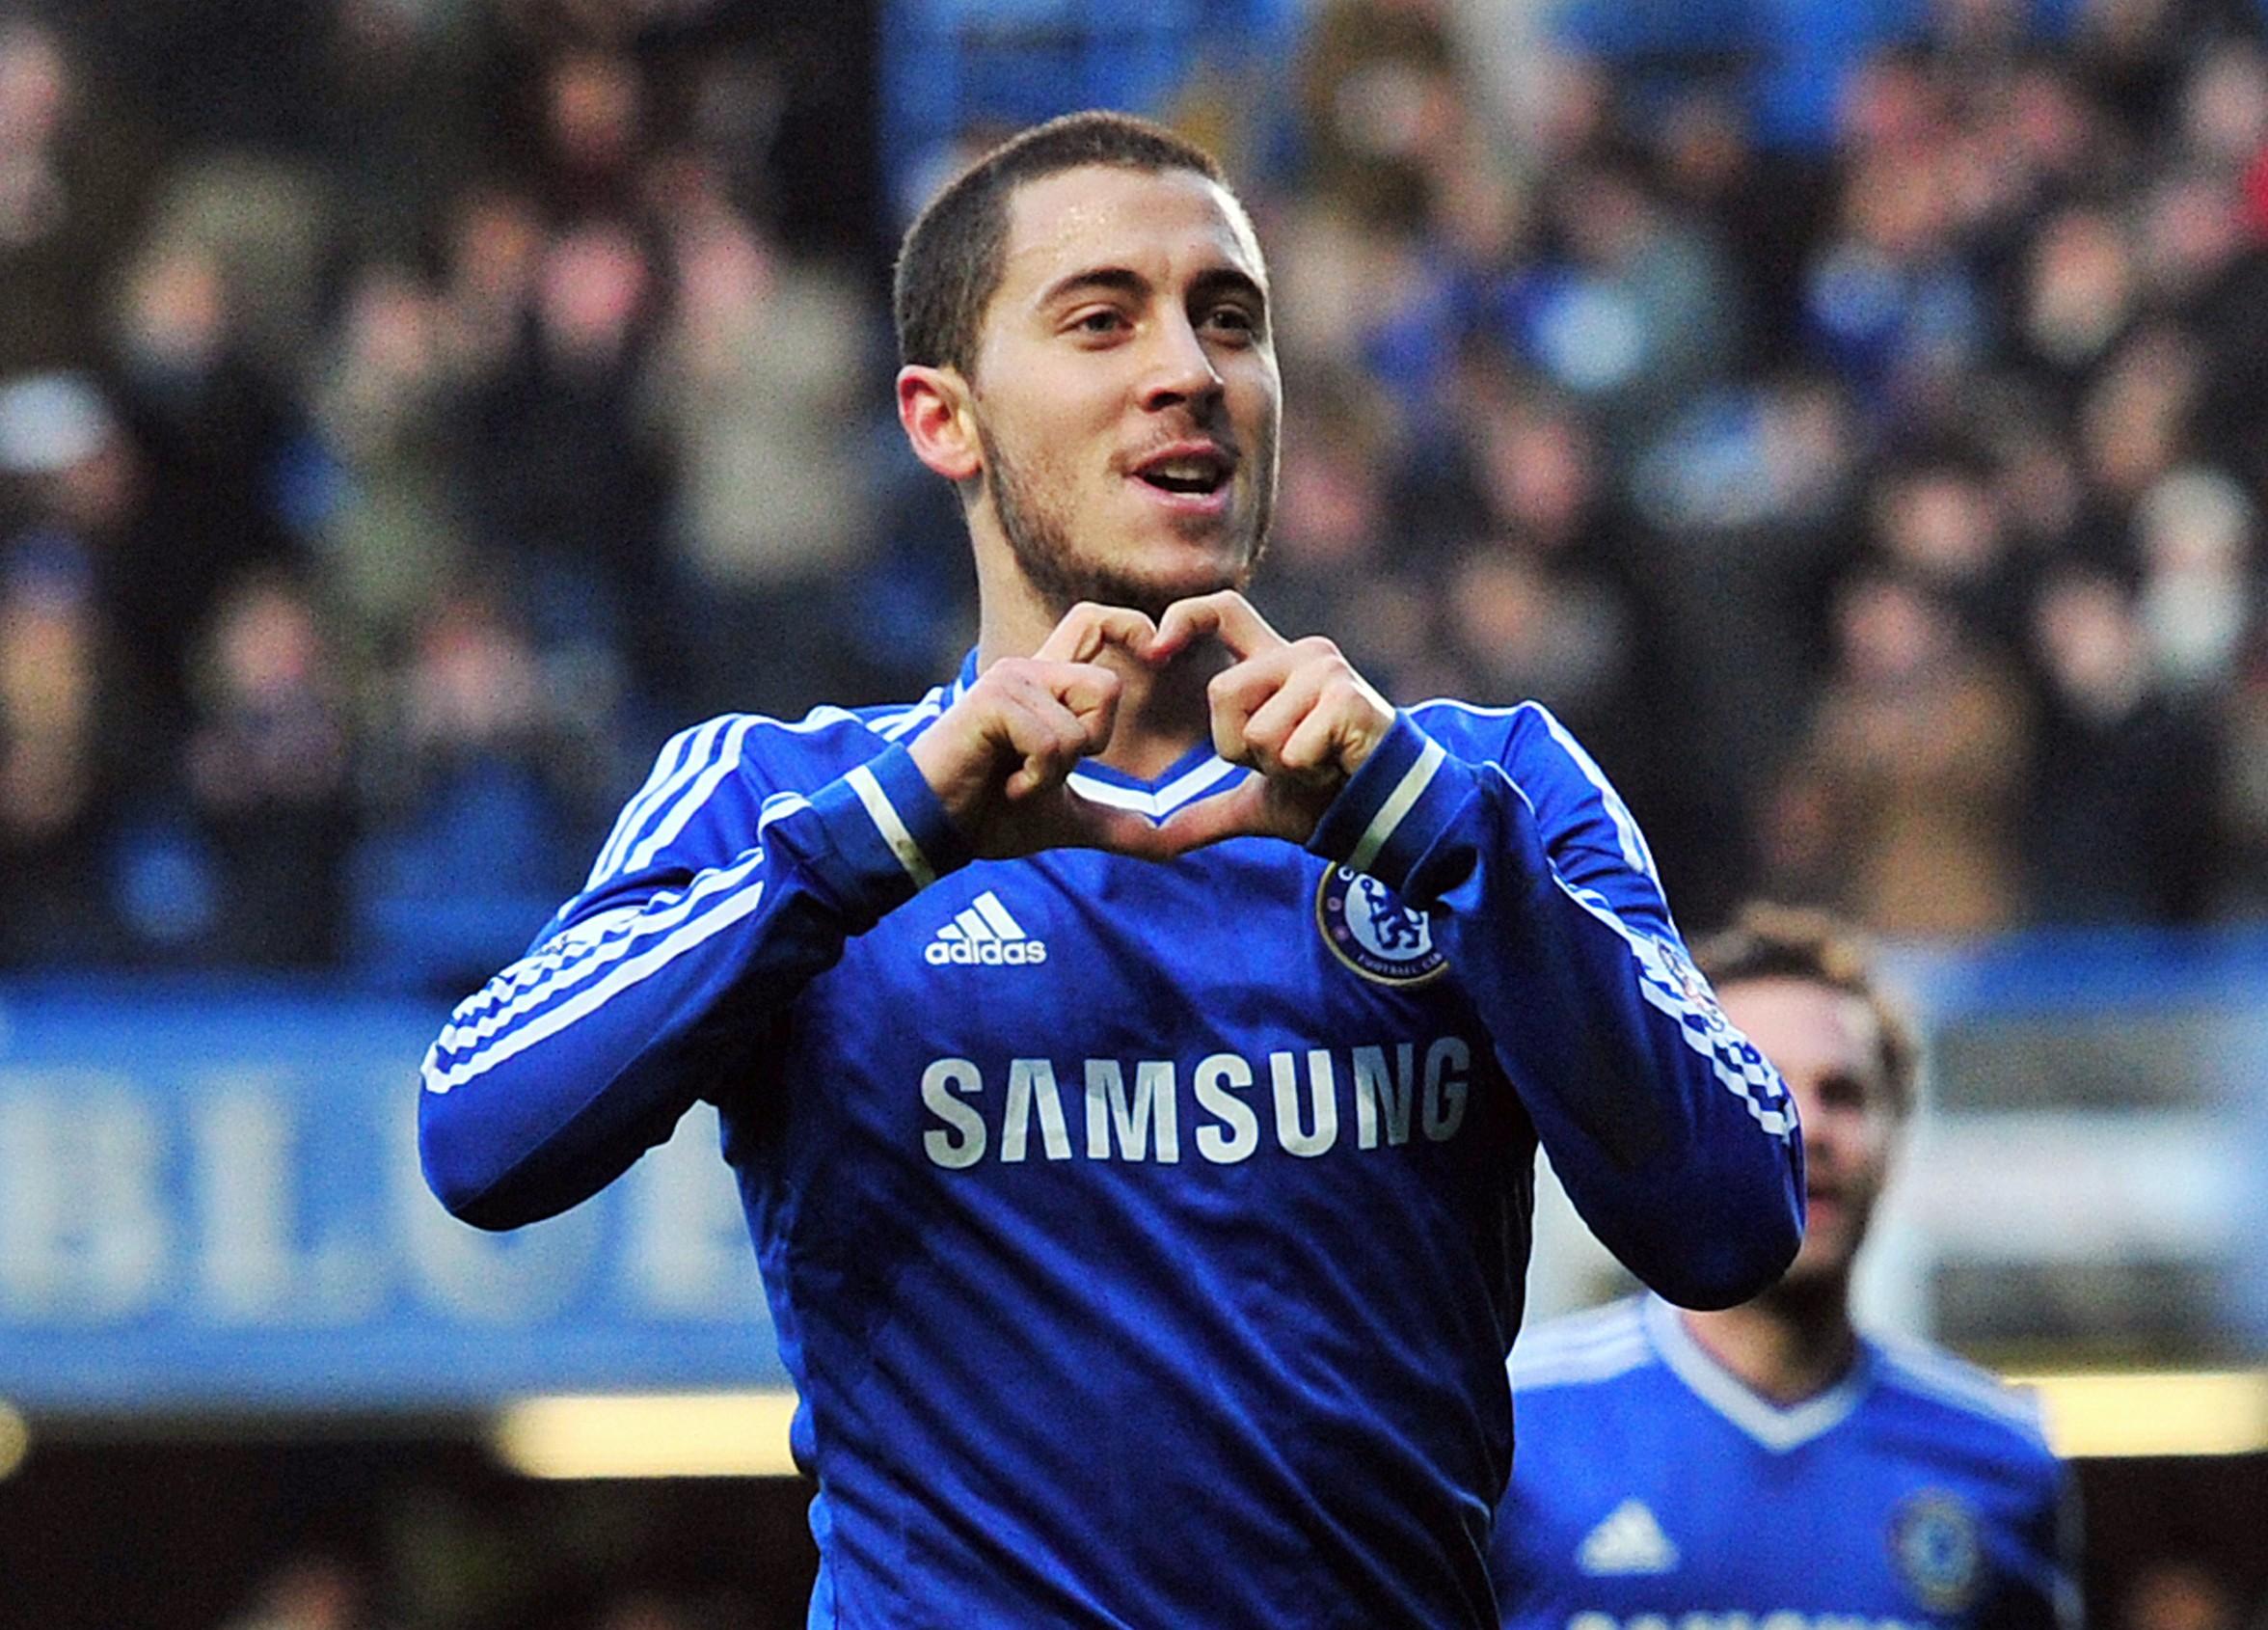 Nói về tương lai, Hazard khiến CĐV Chelsea lo lắng